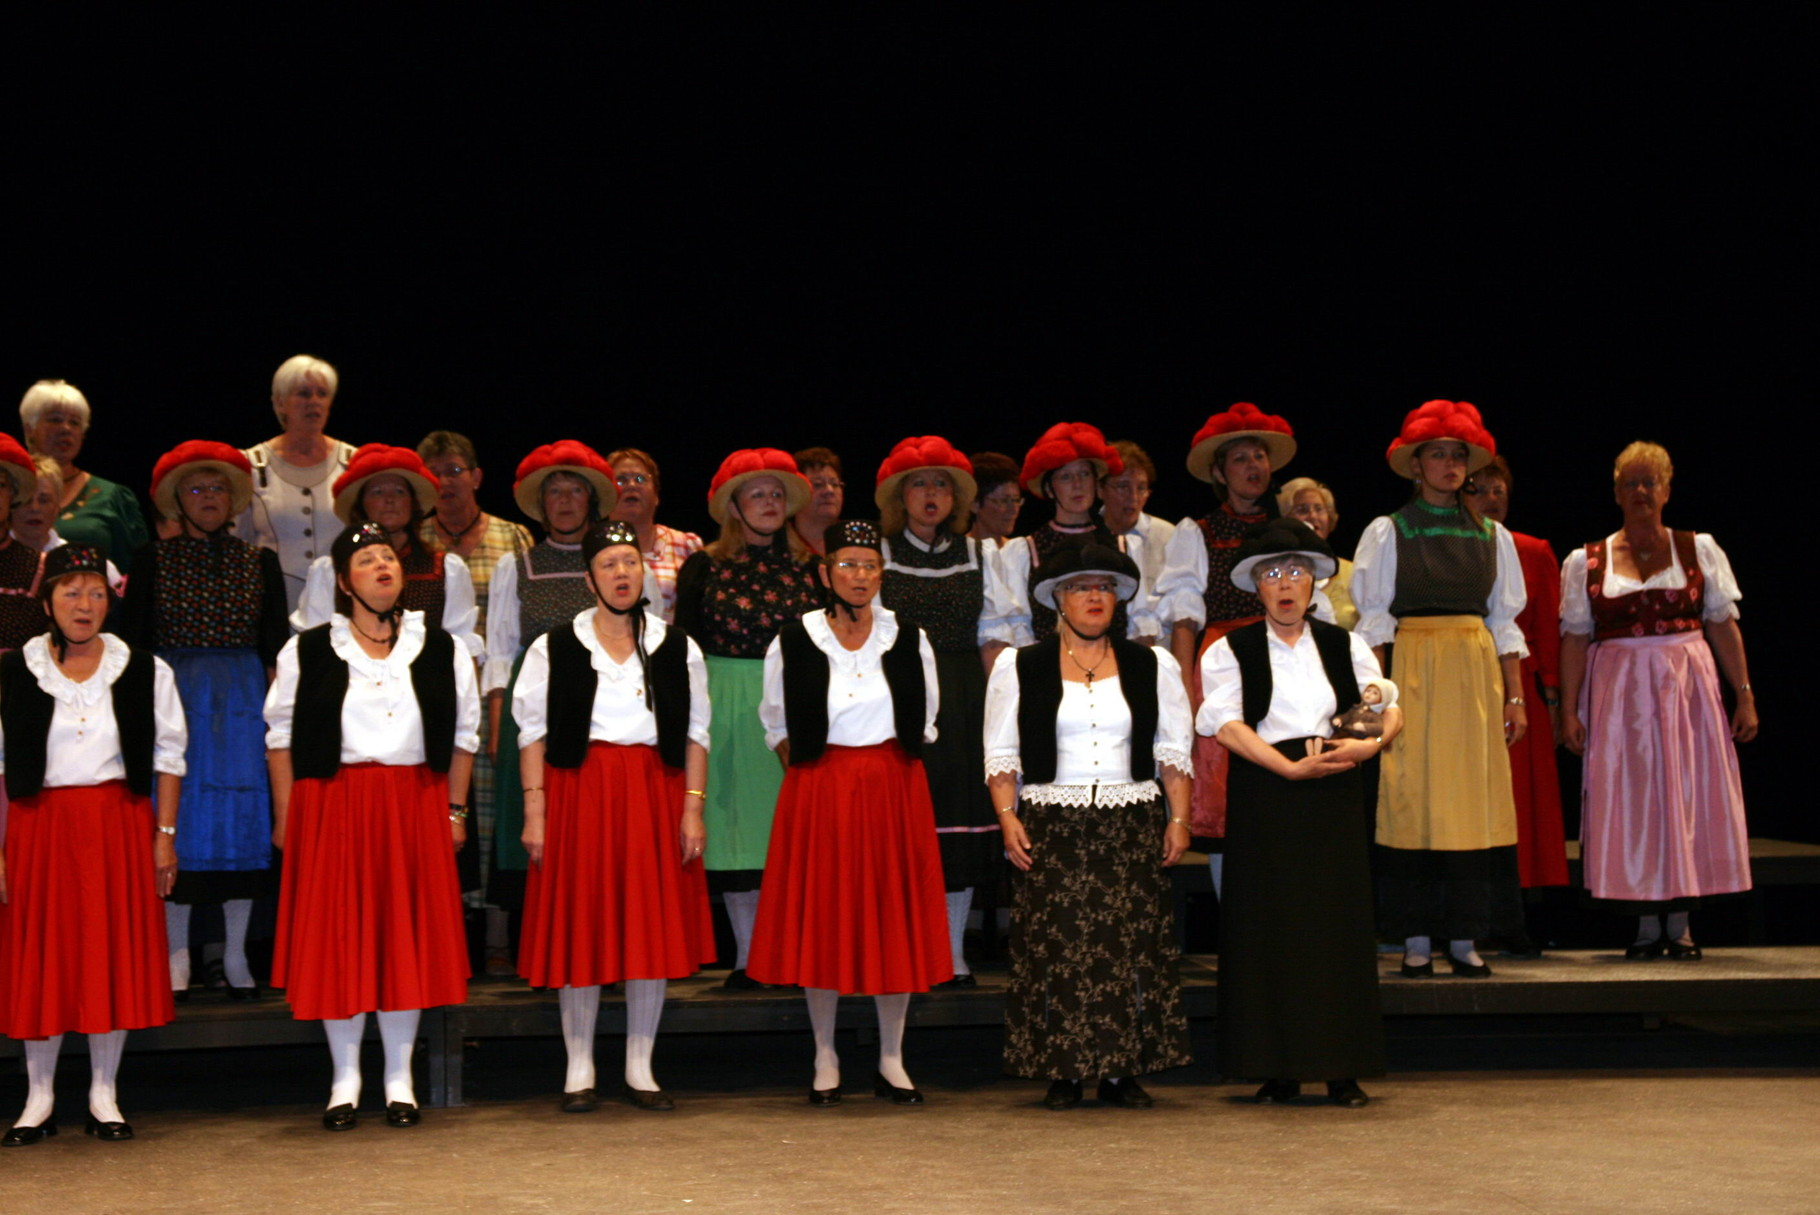 LKE Schwarzwald-Romantik  - Universität Johannesburg Südafrika - Theatersaal - 2007